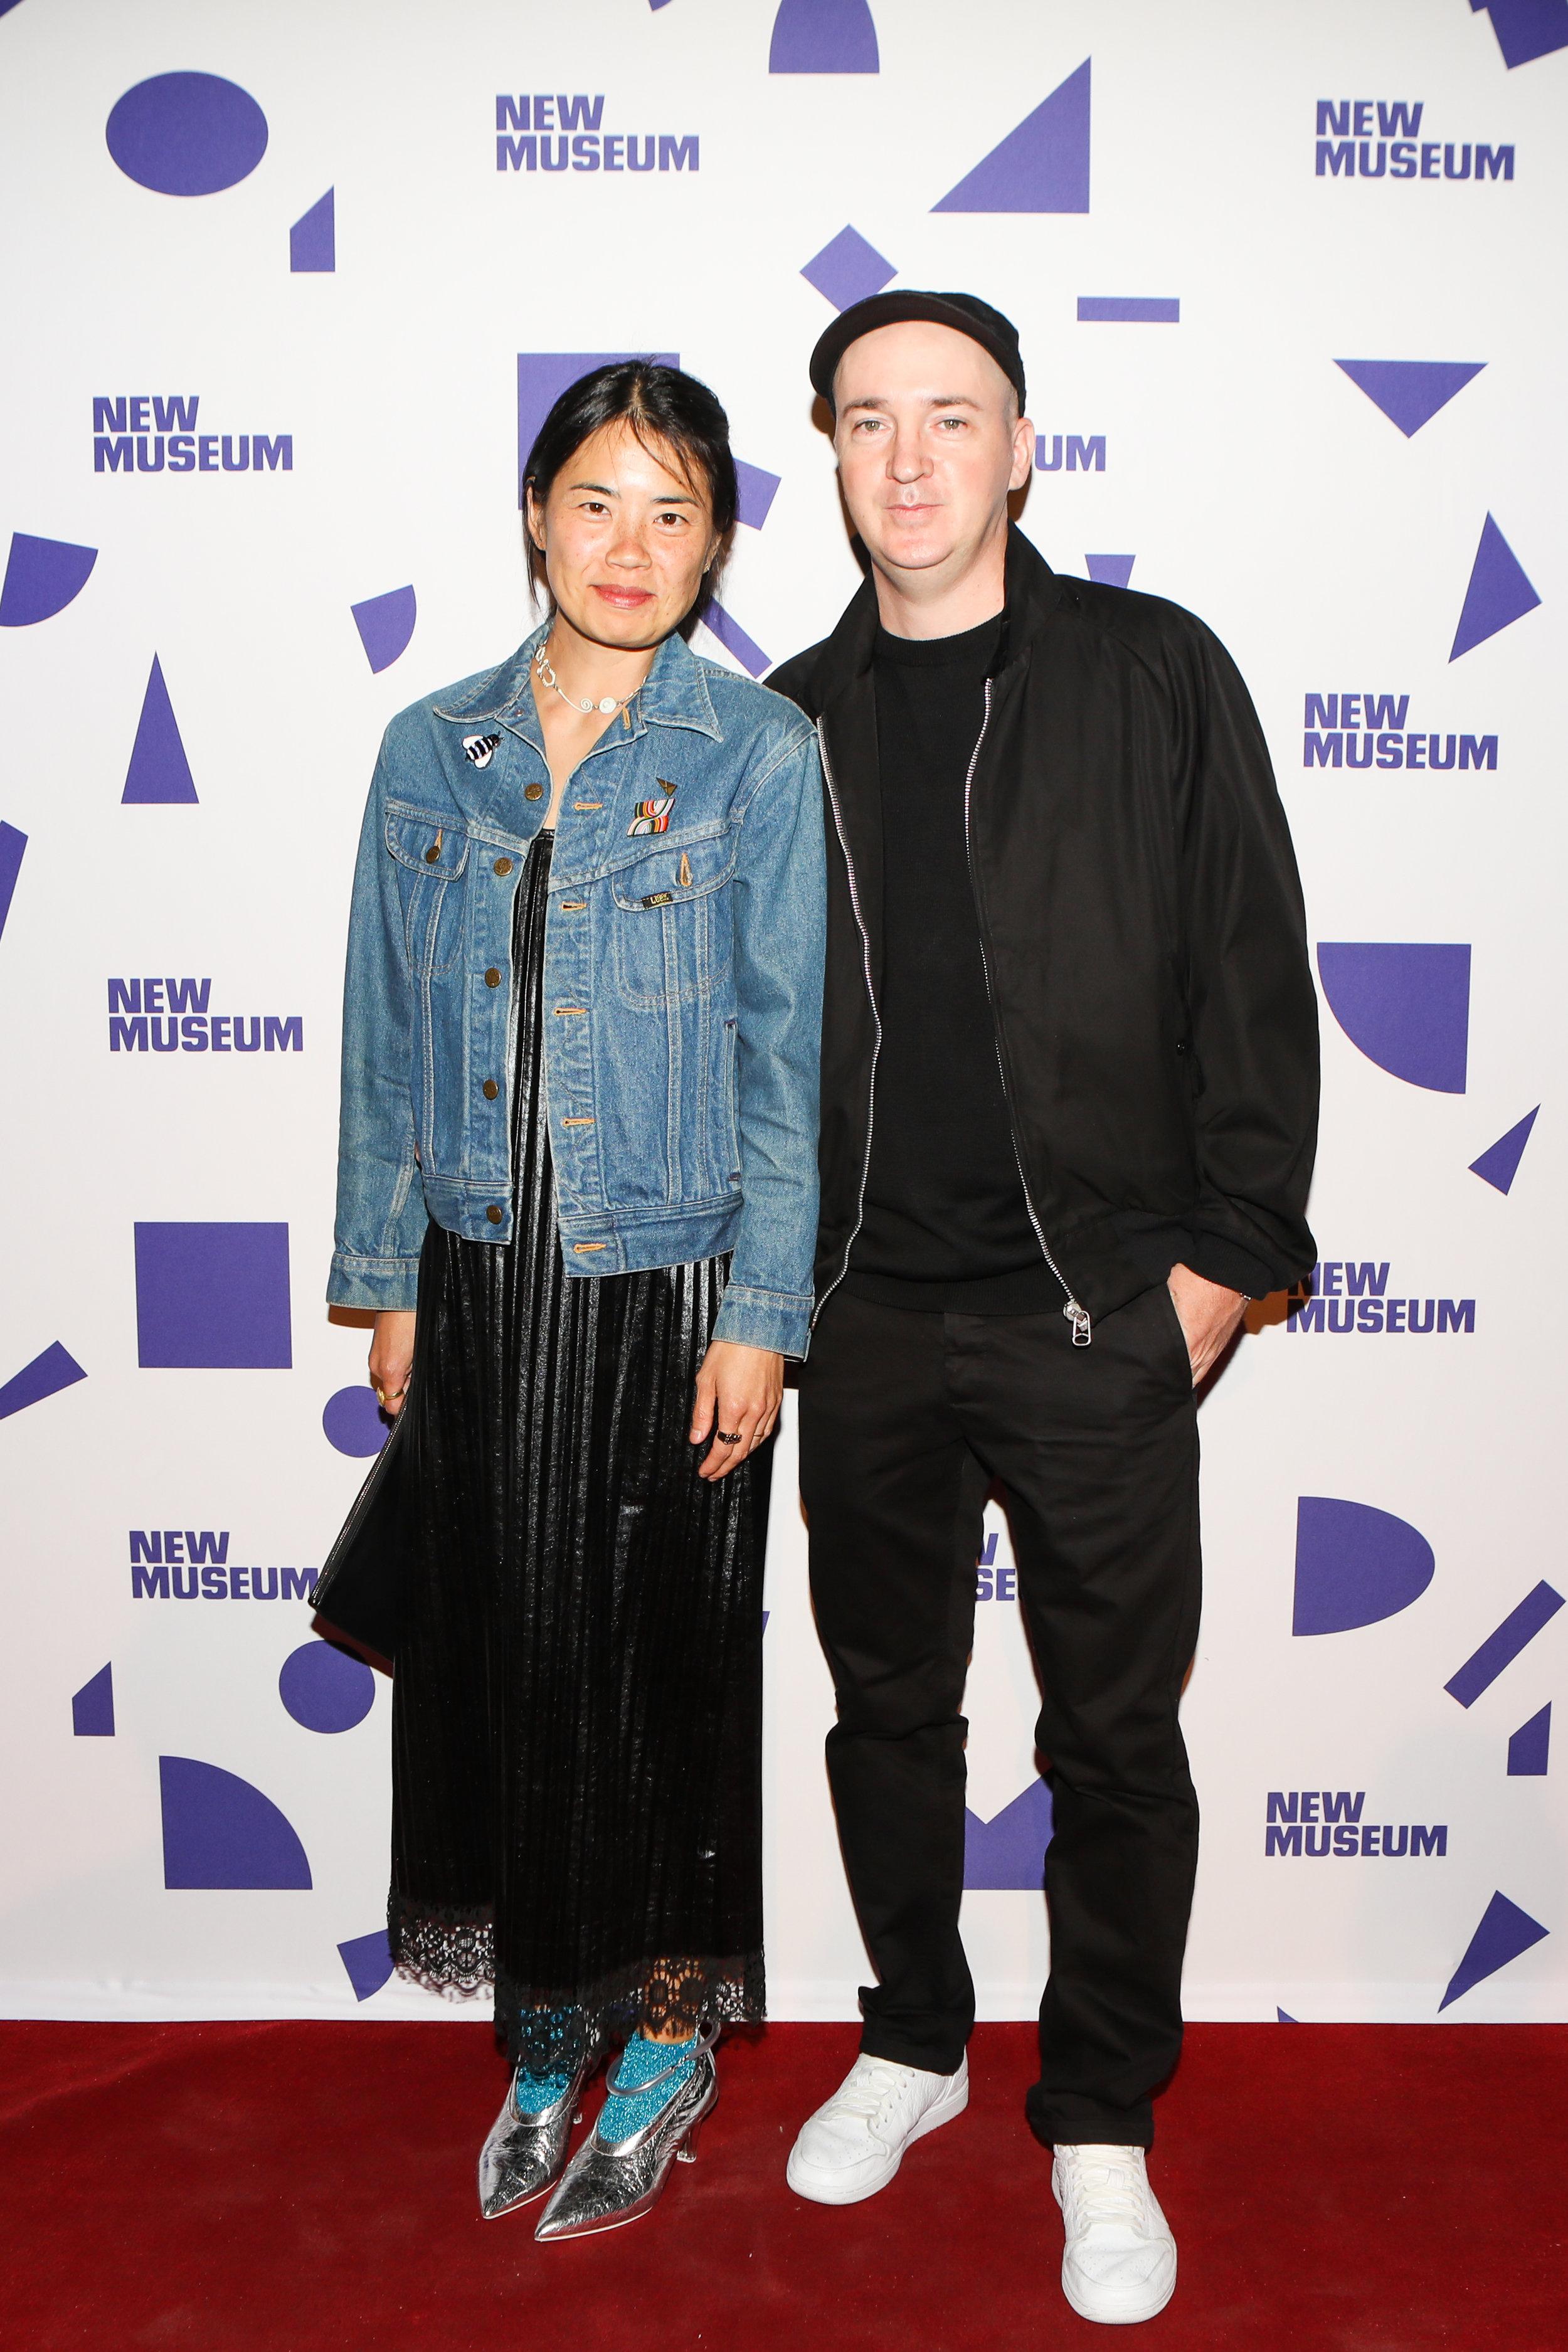 Julia Chiang and KAWS